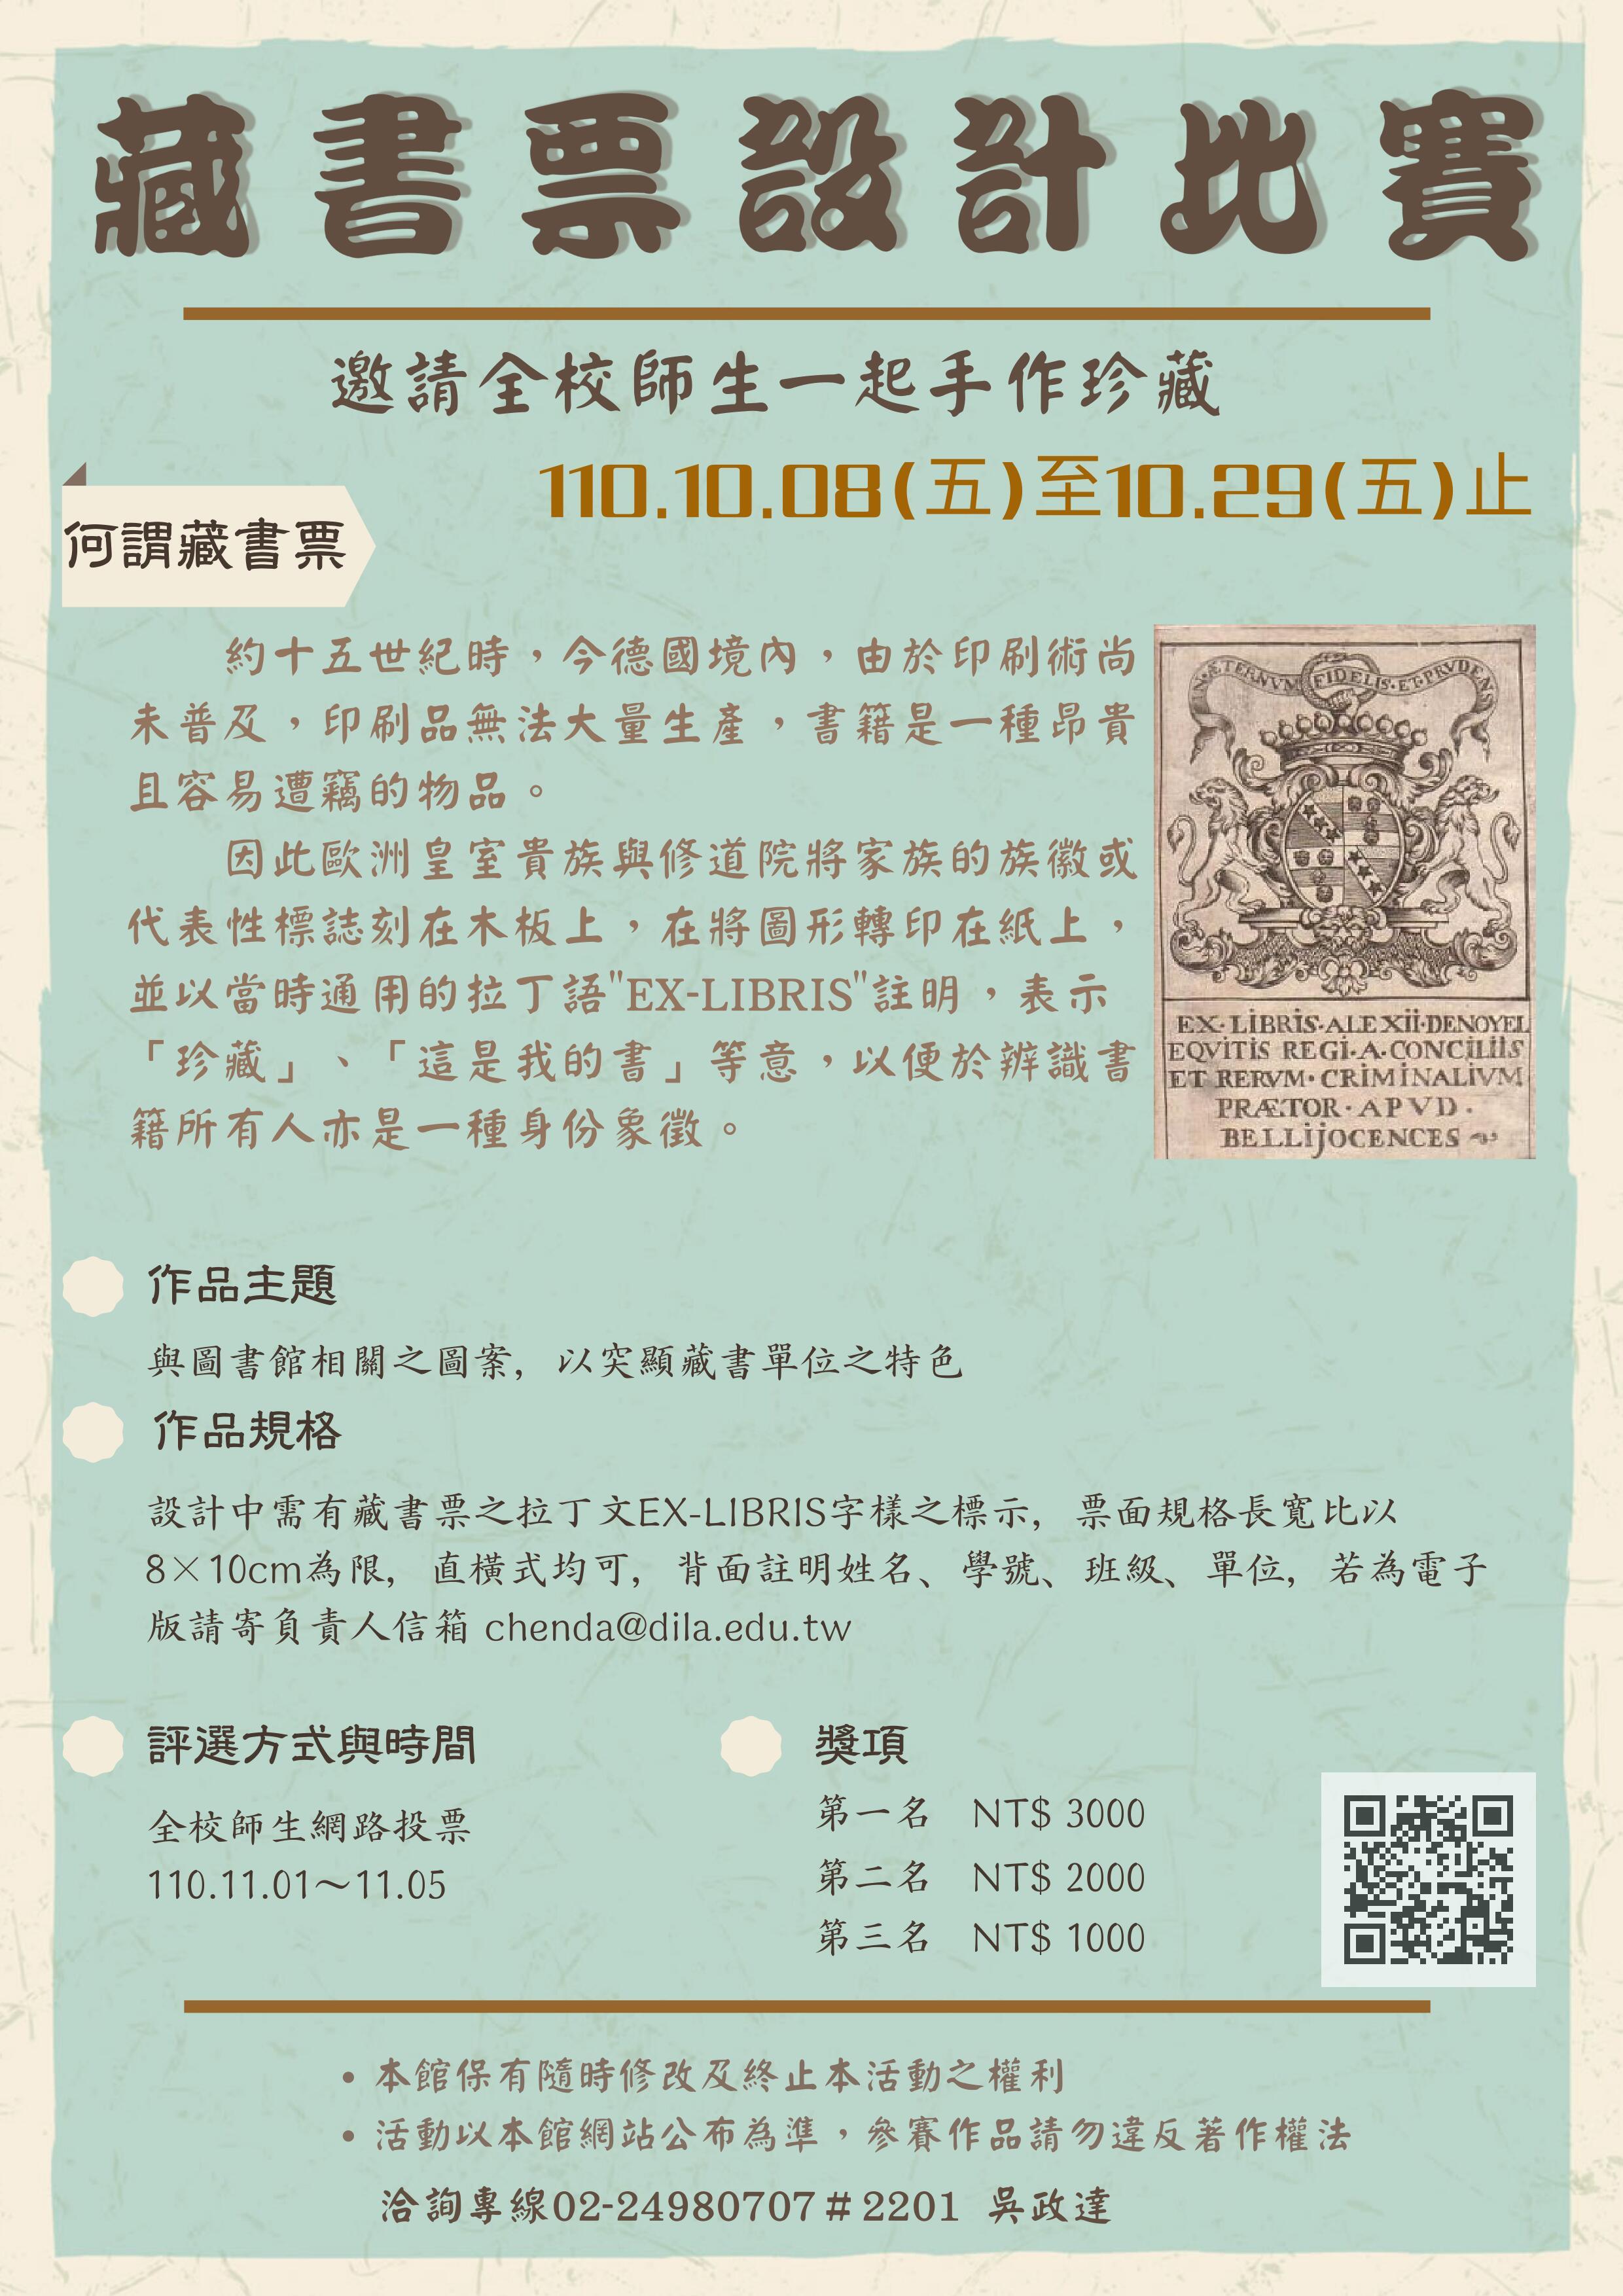 圖書館藏書票設計比賽